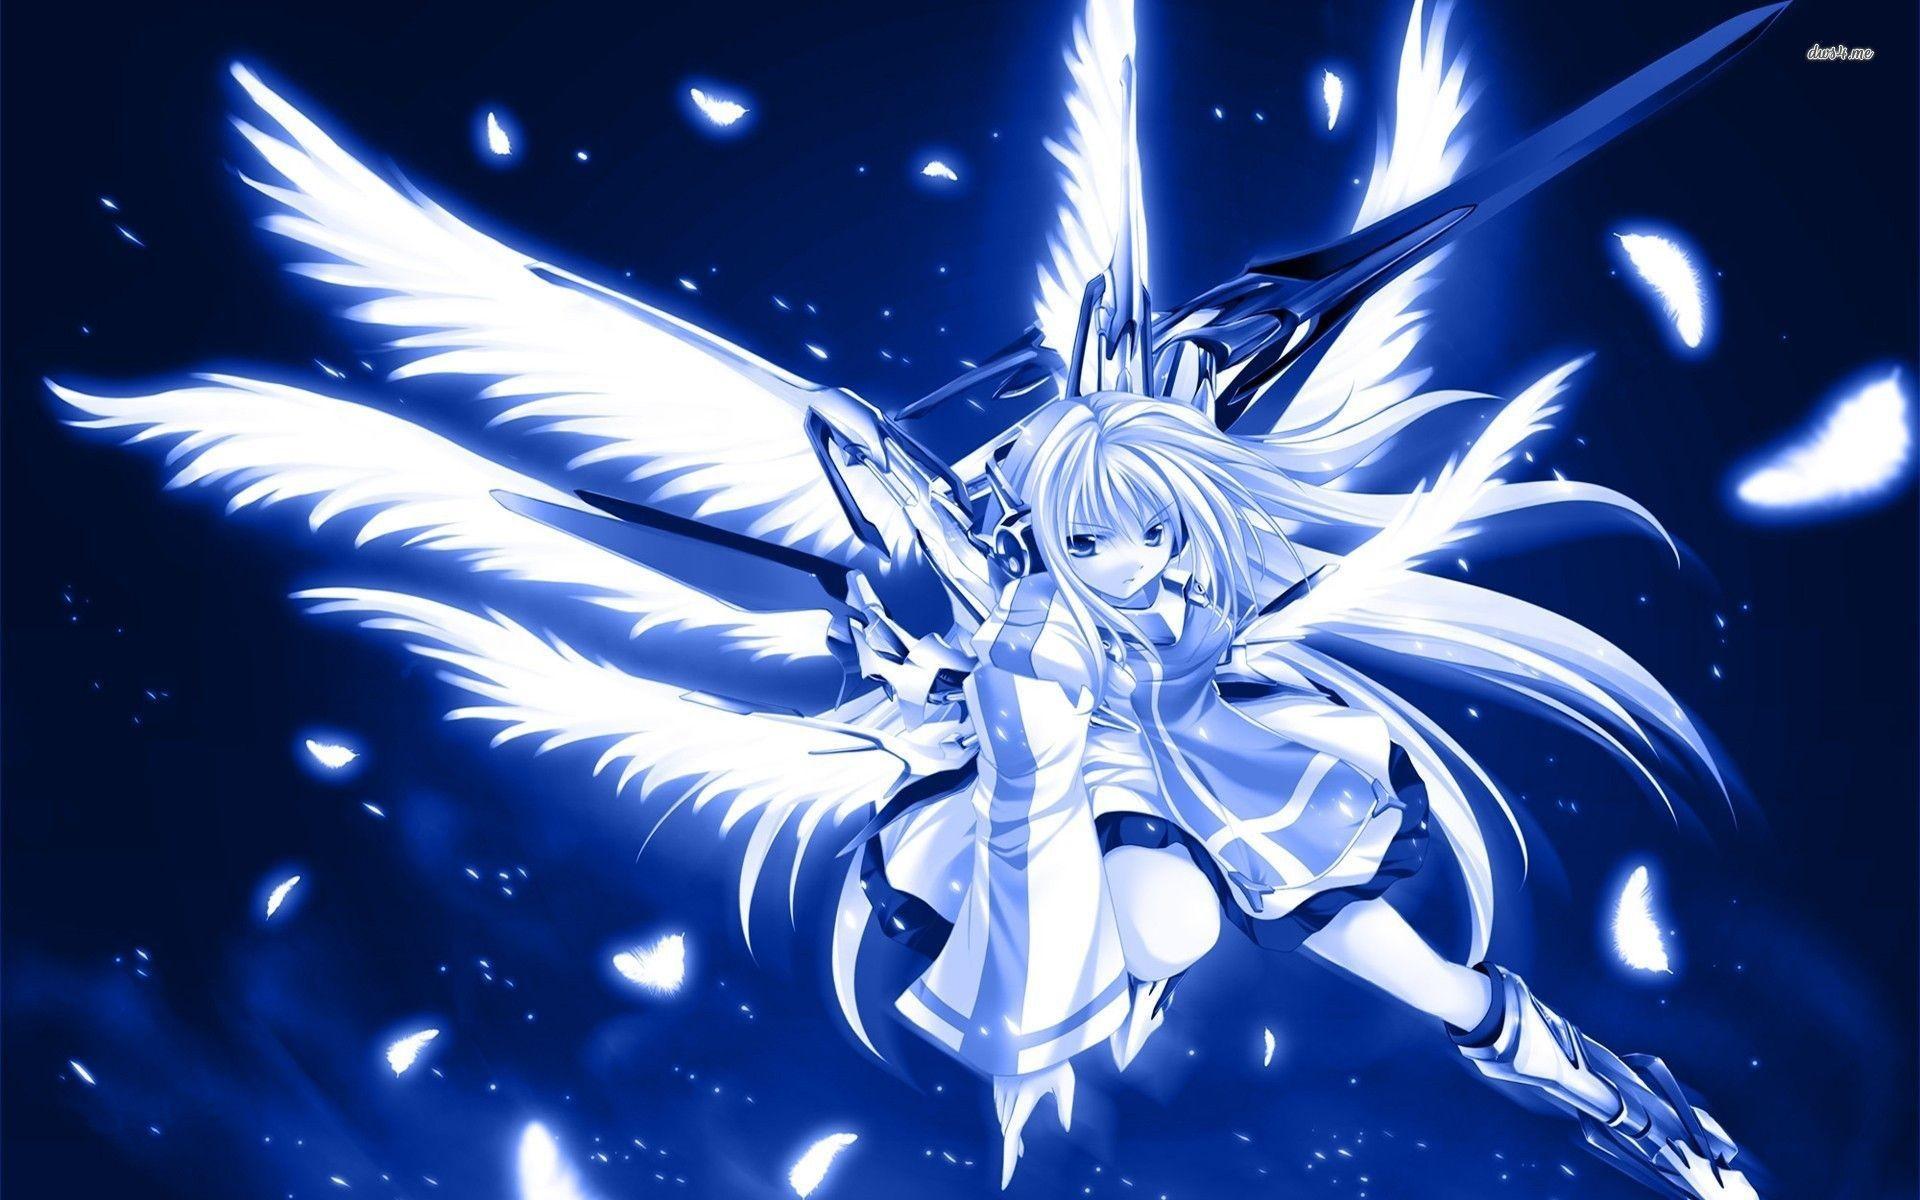 Wallpaper Anime Angel